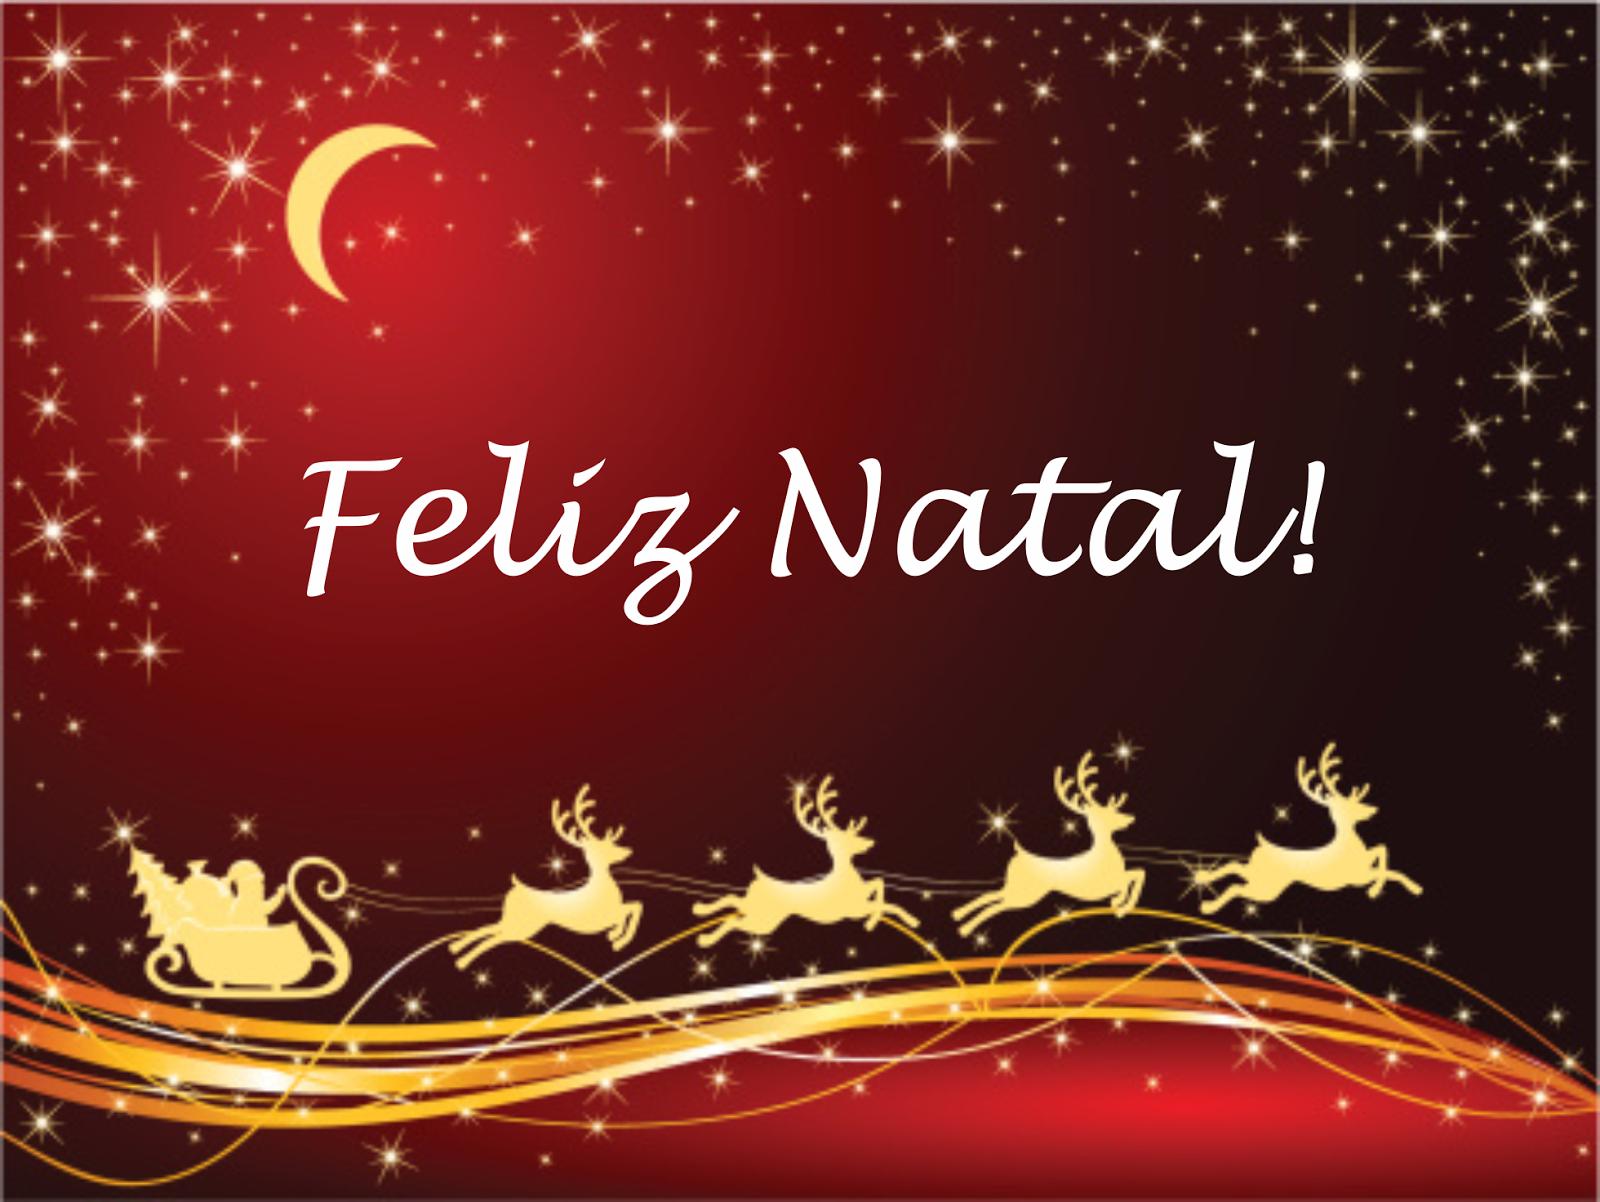 O Tudo Cultural deseja a todos os seus leitores um Feliz Natal!